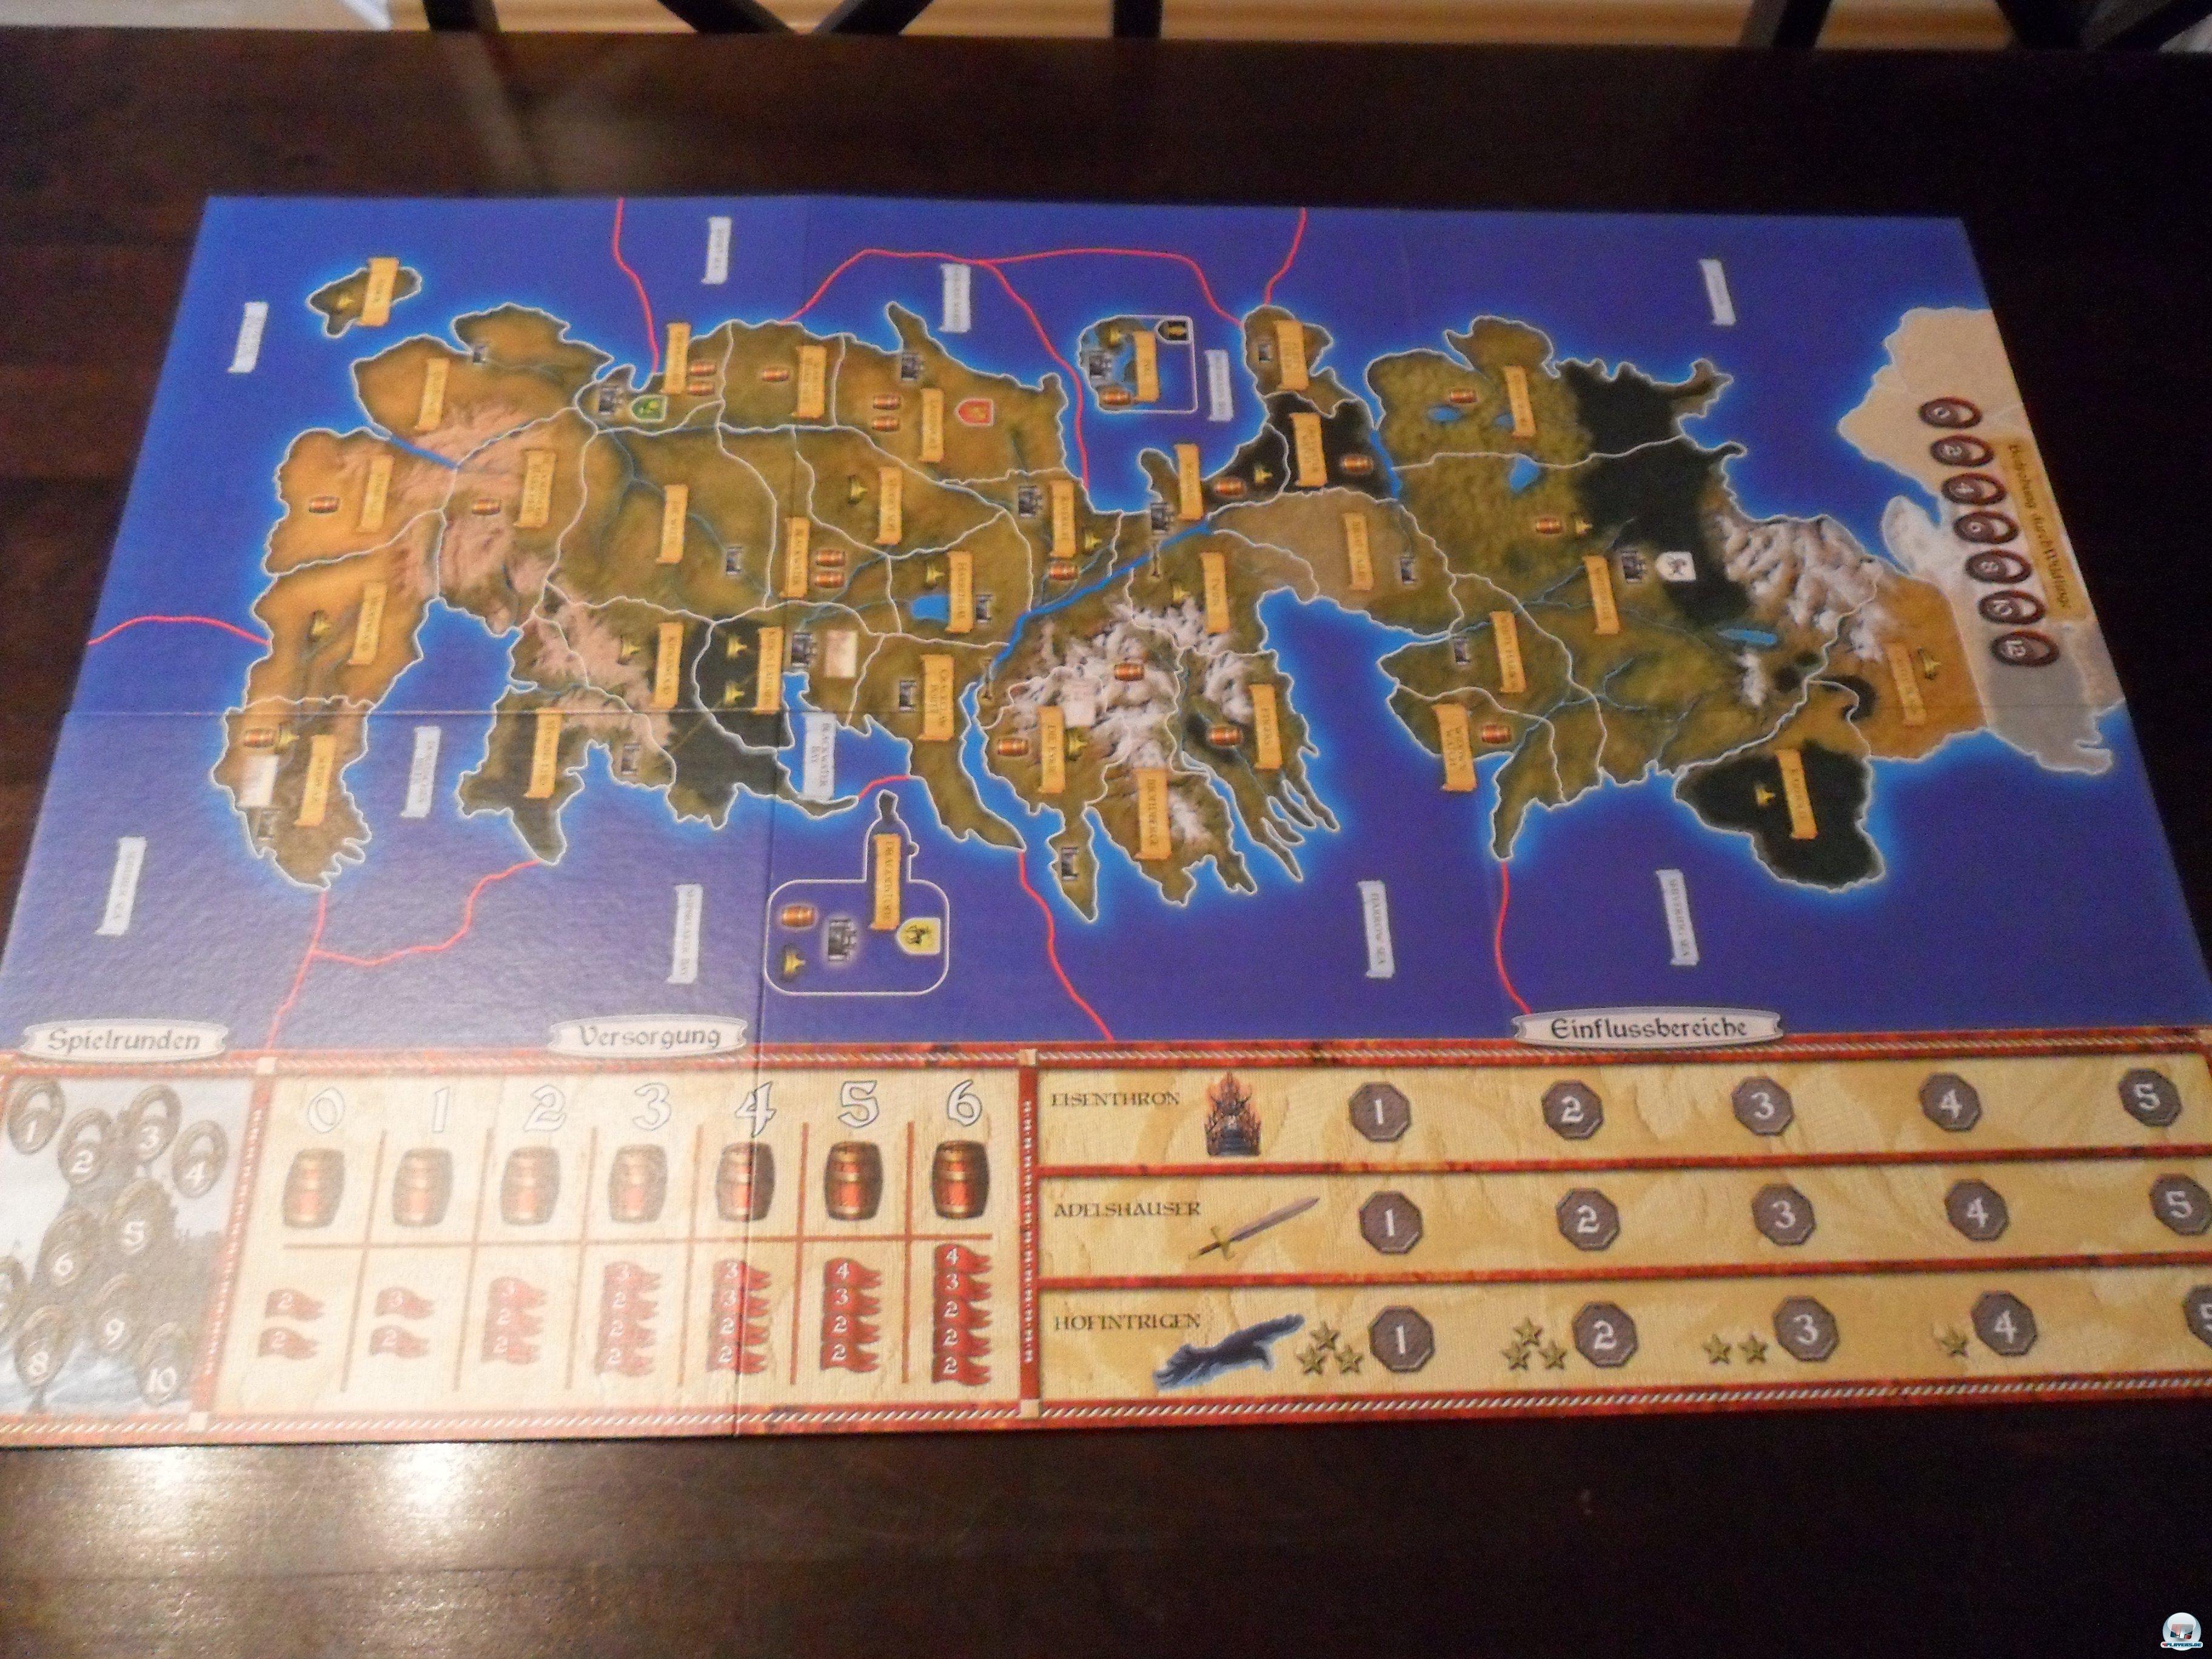 Man braucht viel Platz, wenn man die Karte von Westeros ausbreitet.